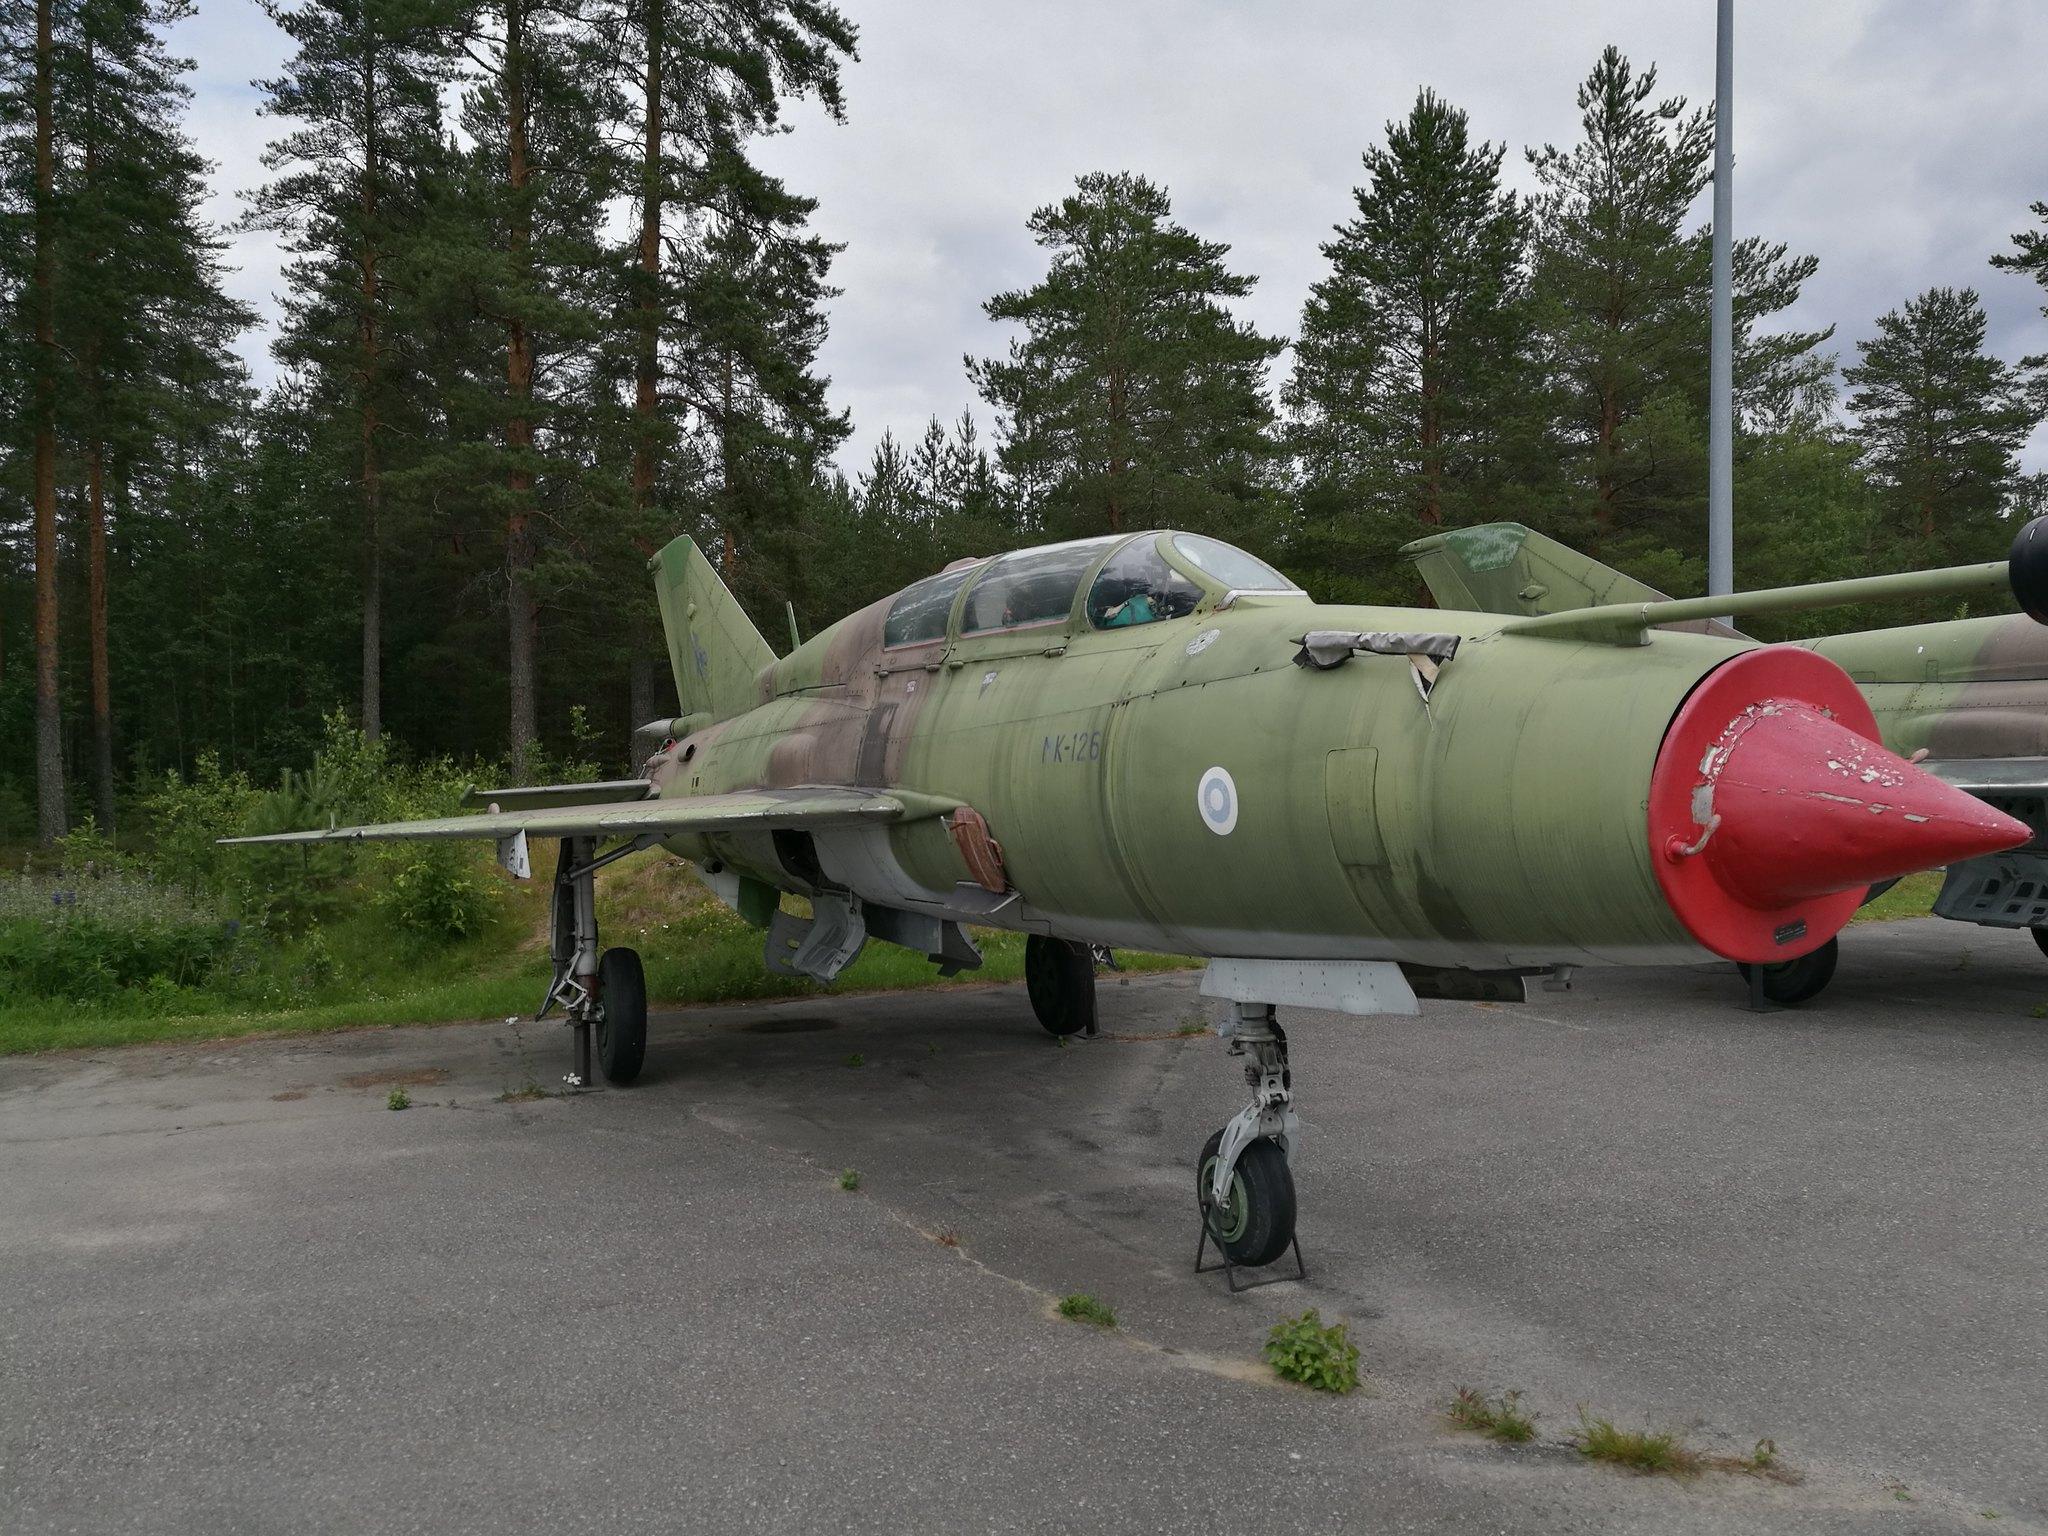 Hemkommen från semester i Finland med utflykt till Finlands Flygvapenmuseum. 48287368231_30cc36632a_k